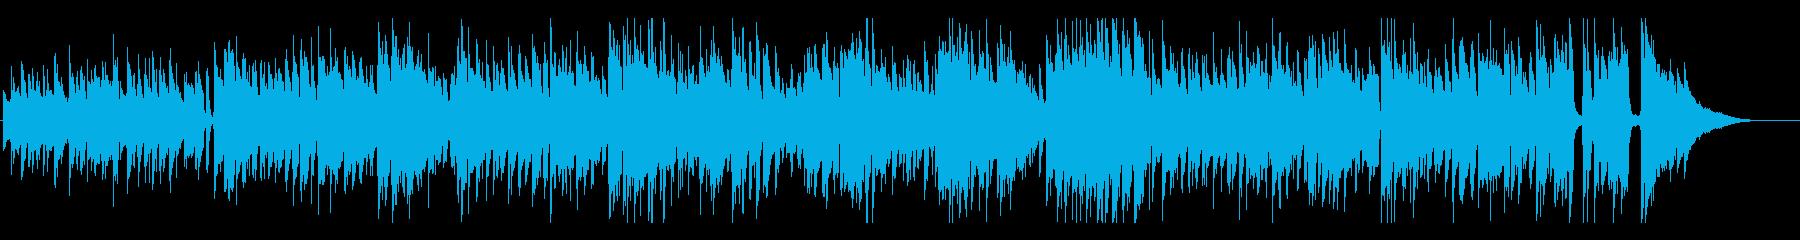 生録音アコギの軽快なボサノヴァの再生済みの波形